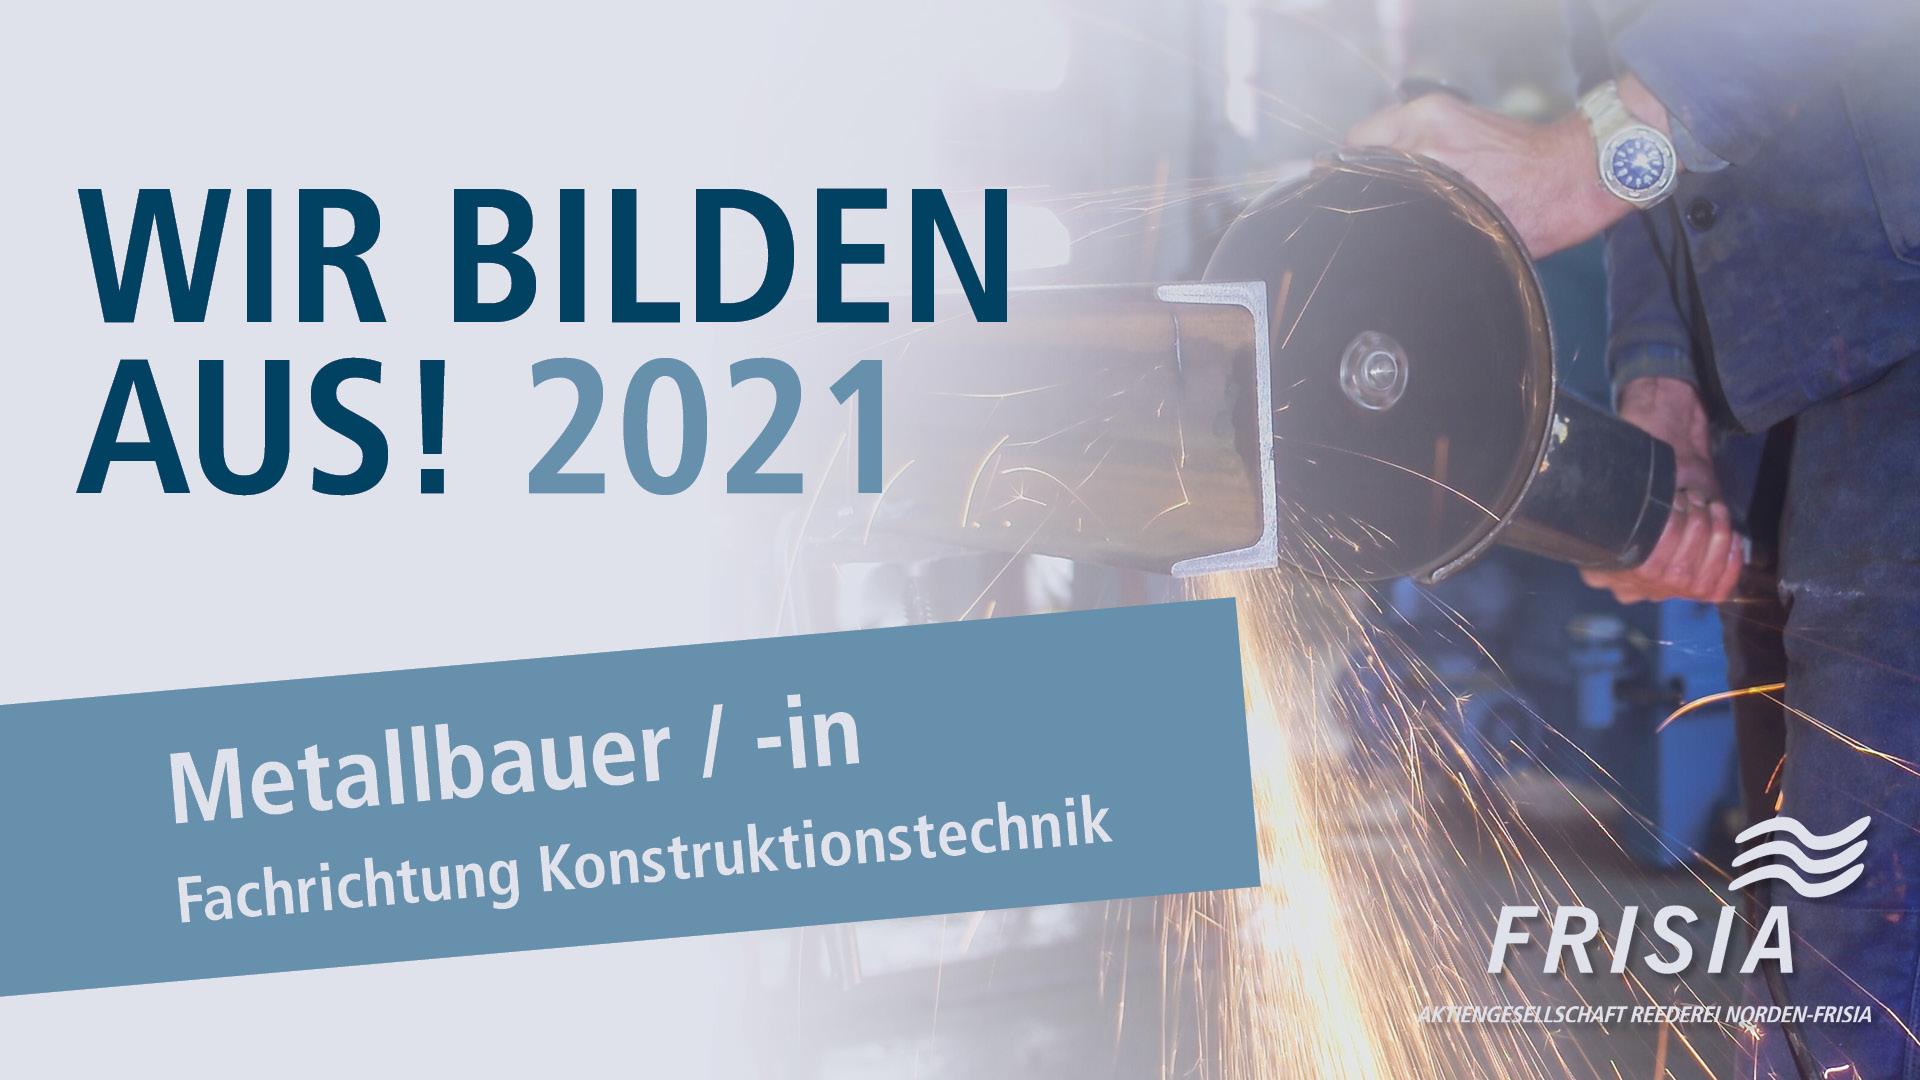 MB 20200929_02f029d1181435ee903707a27e9630aa.jpg – AG Reederei Norden-Frisia